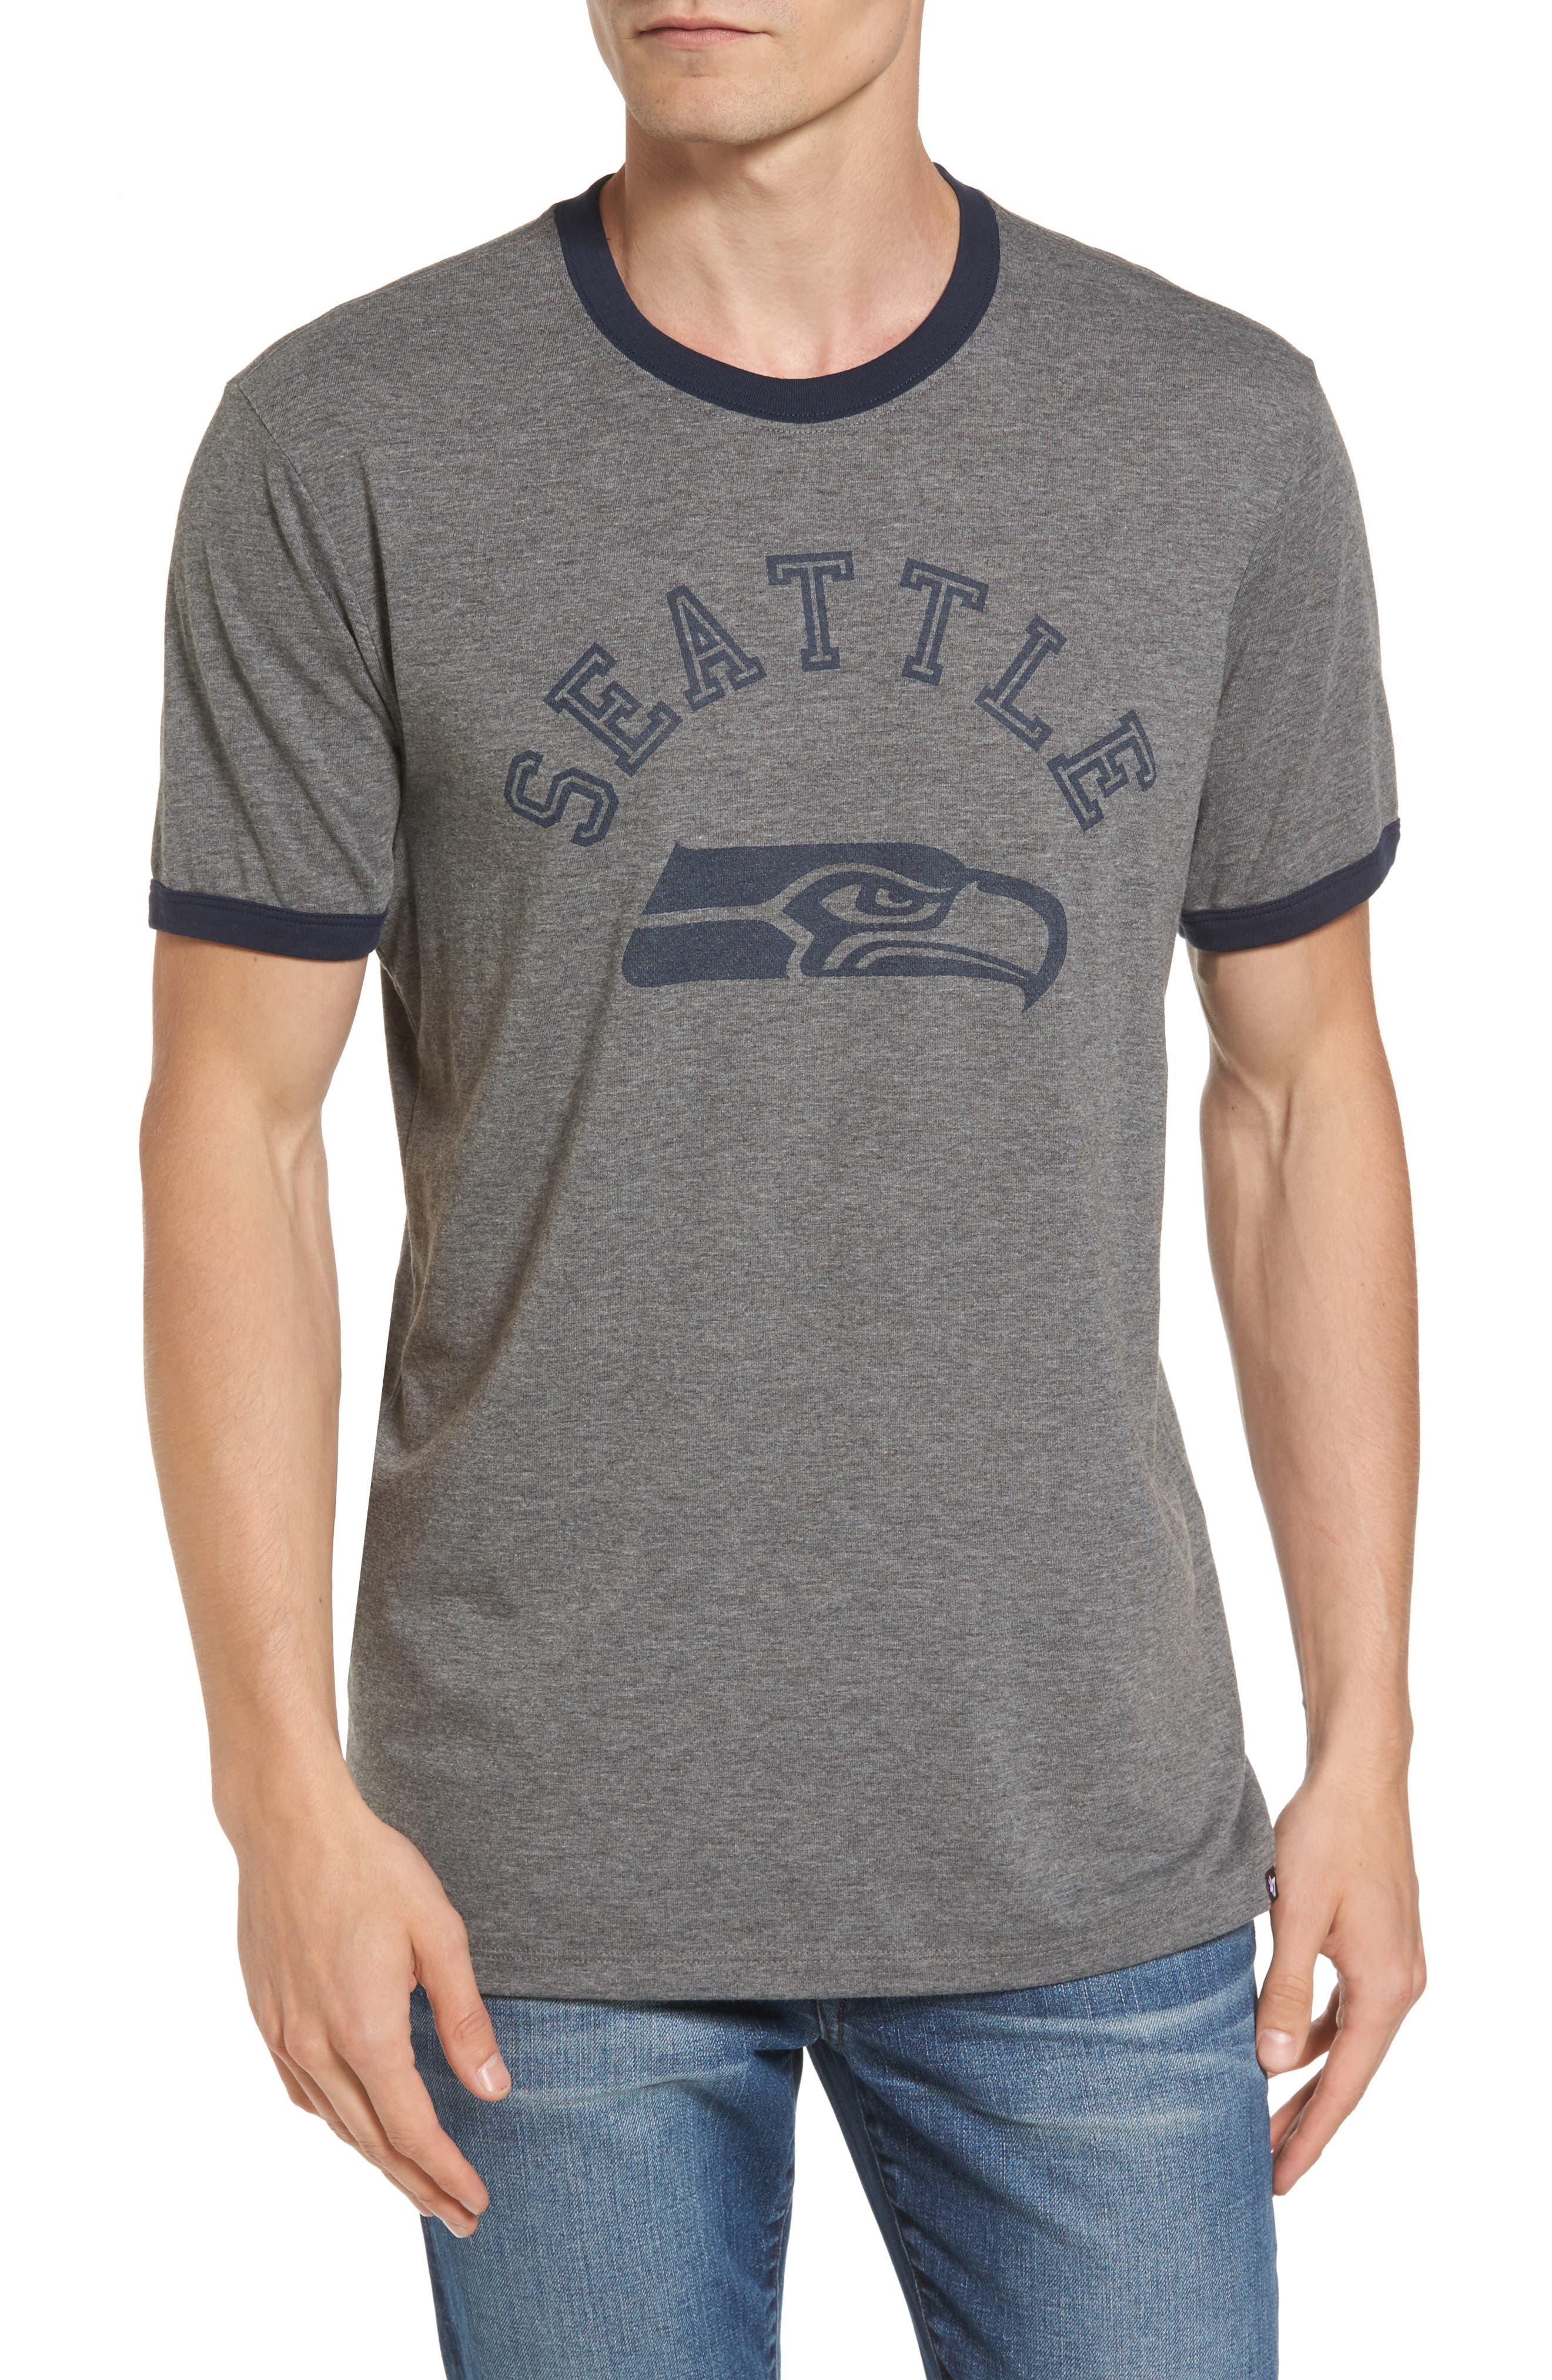 Alternate Image 1 Selected - '47 Seattle Seahawks Ringer T-Shirt